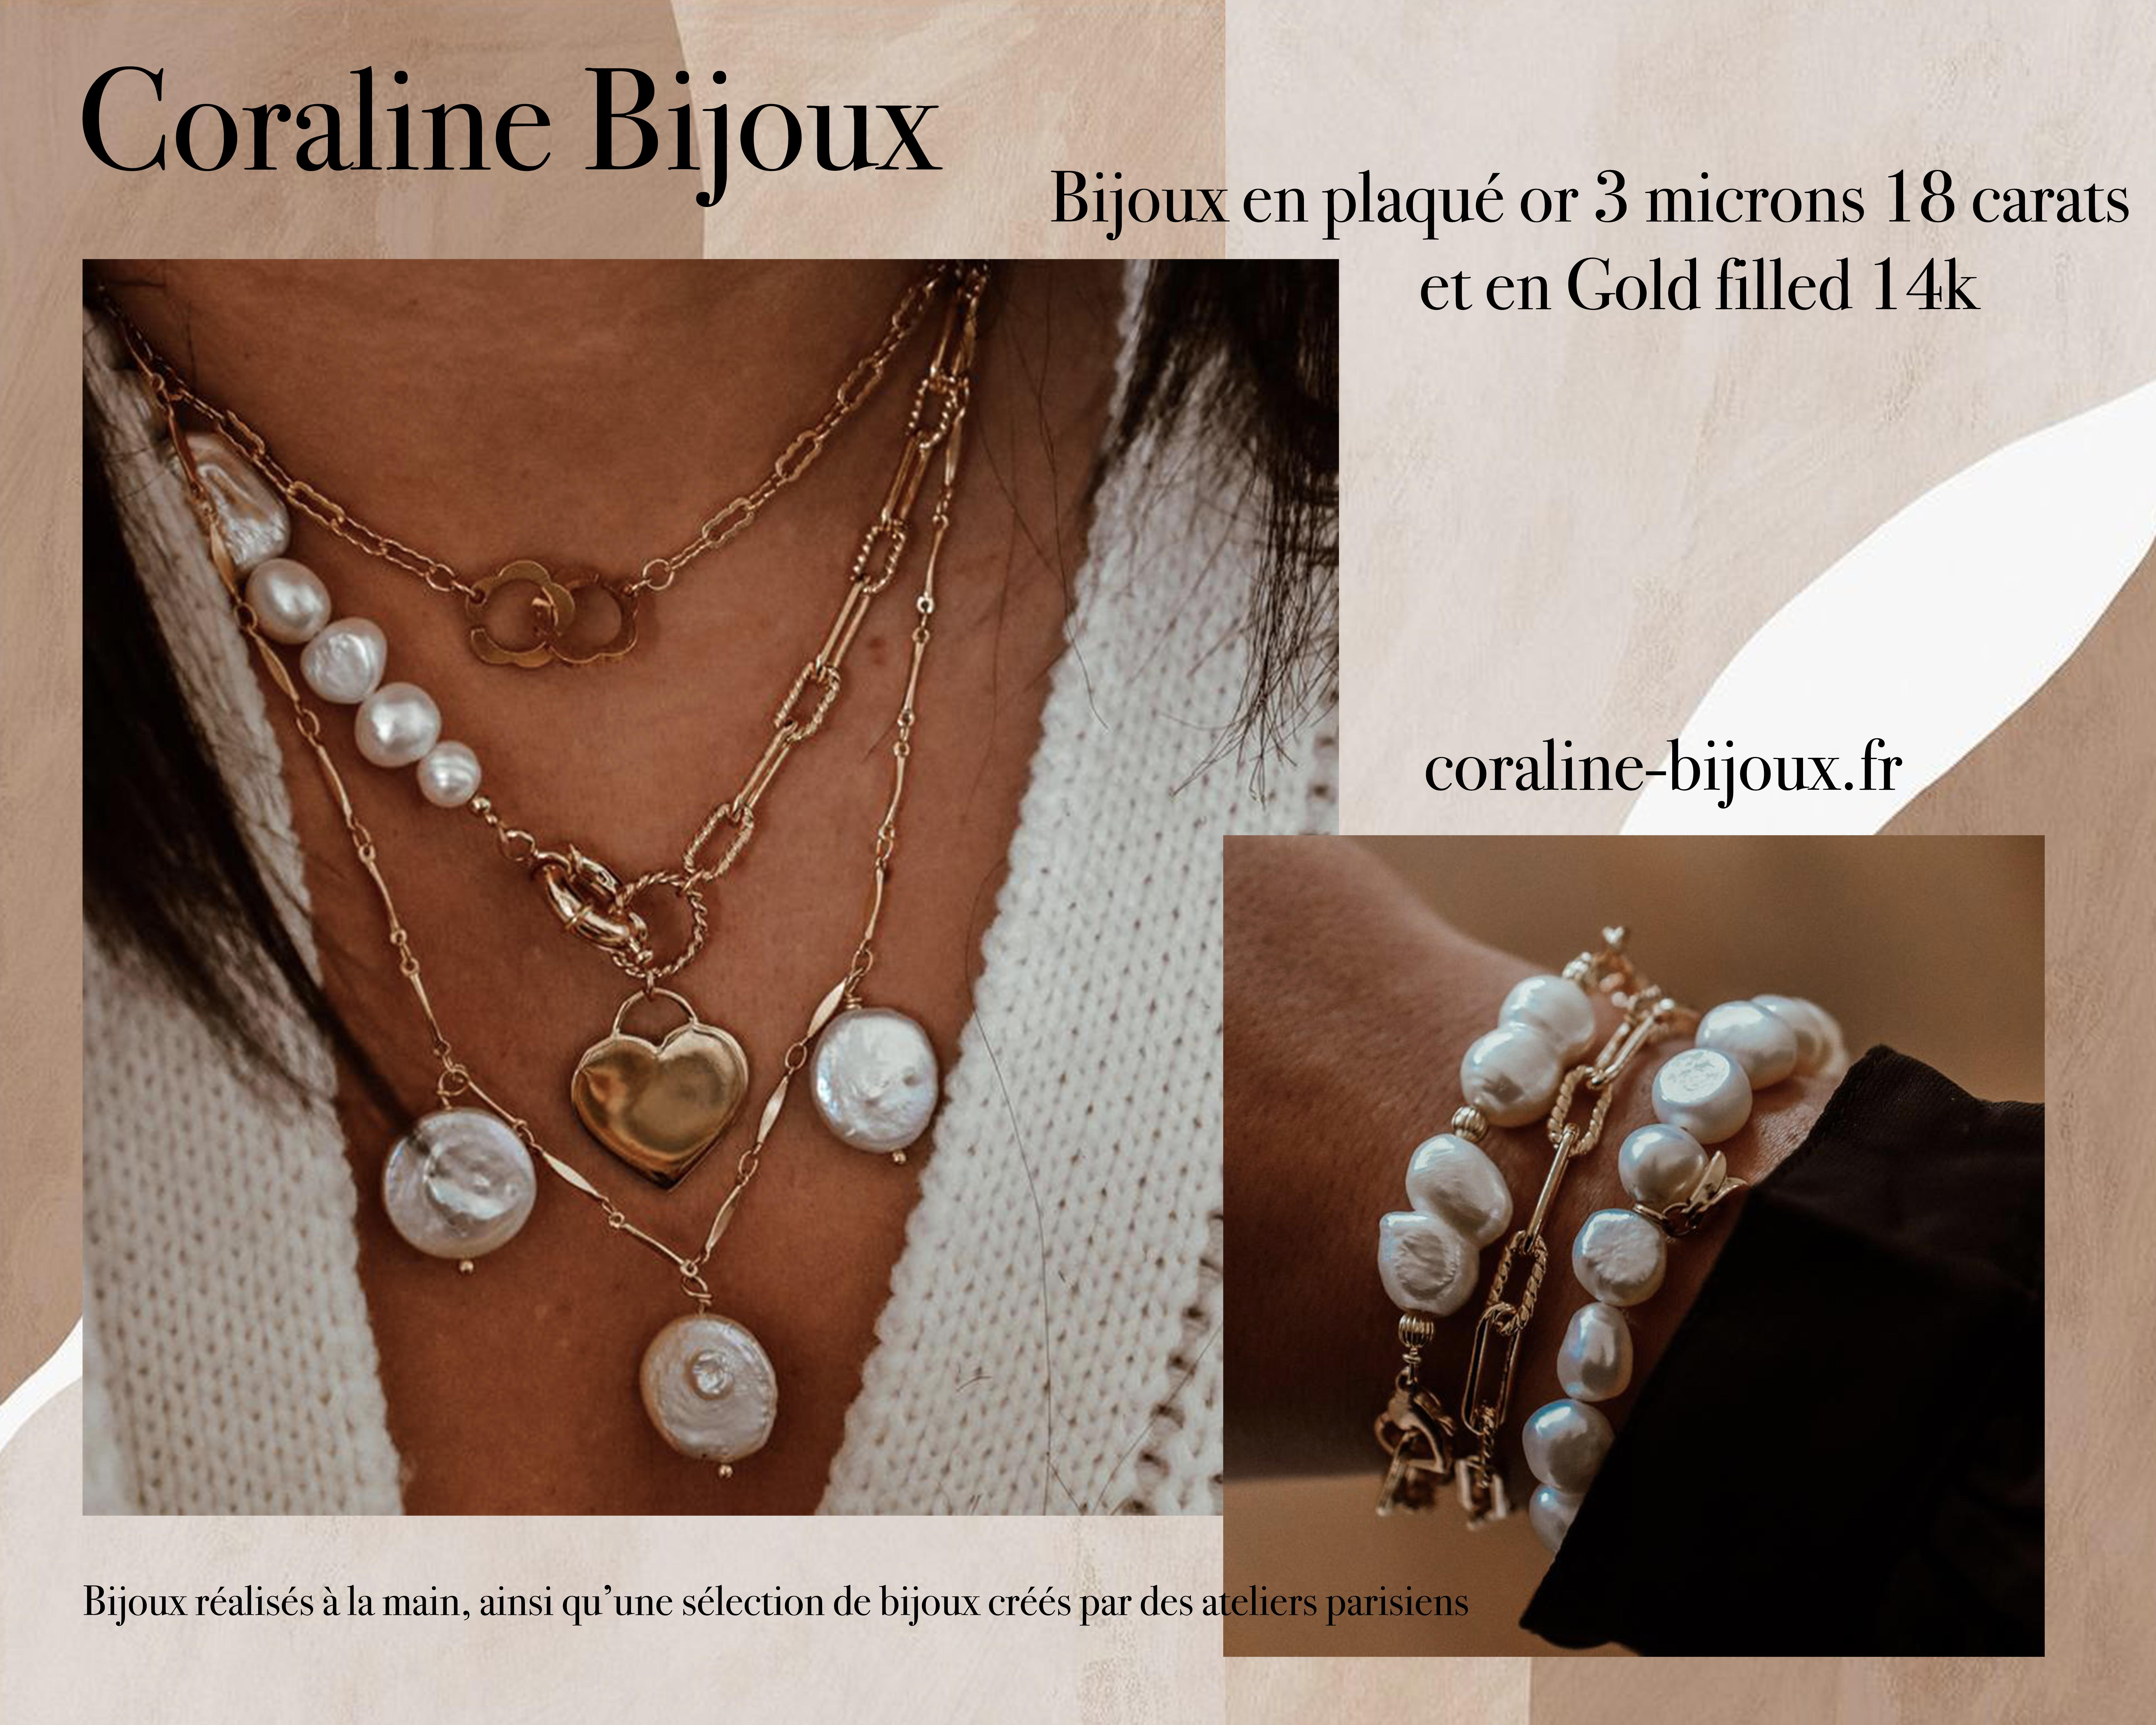 Coraline-bijoux